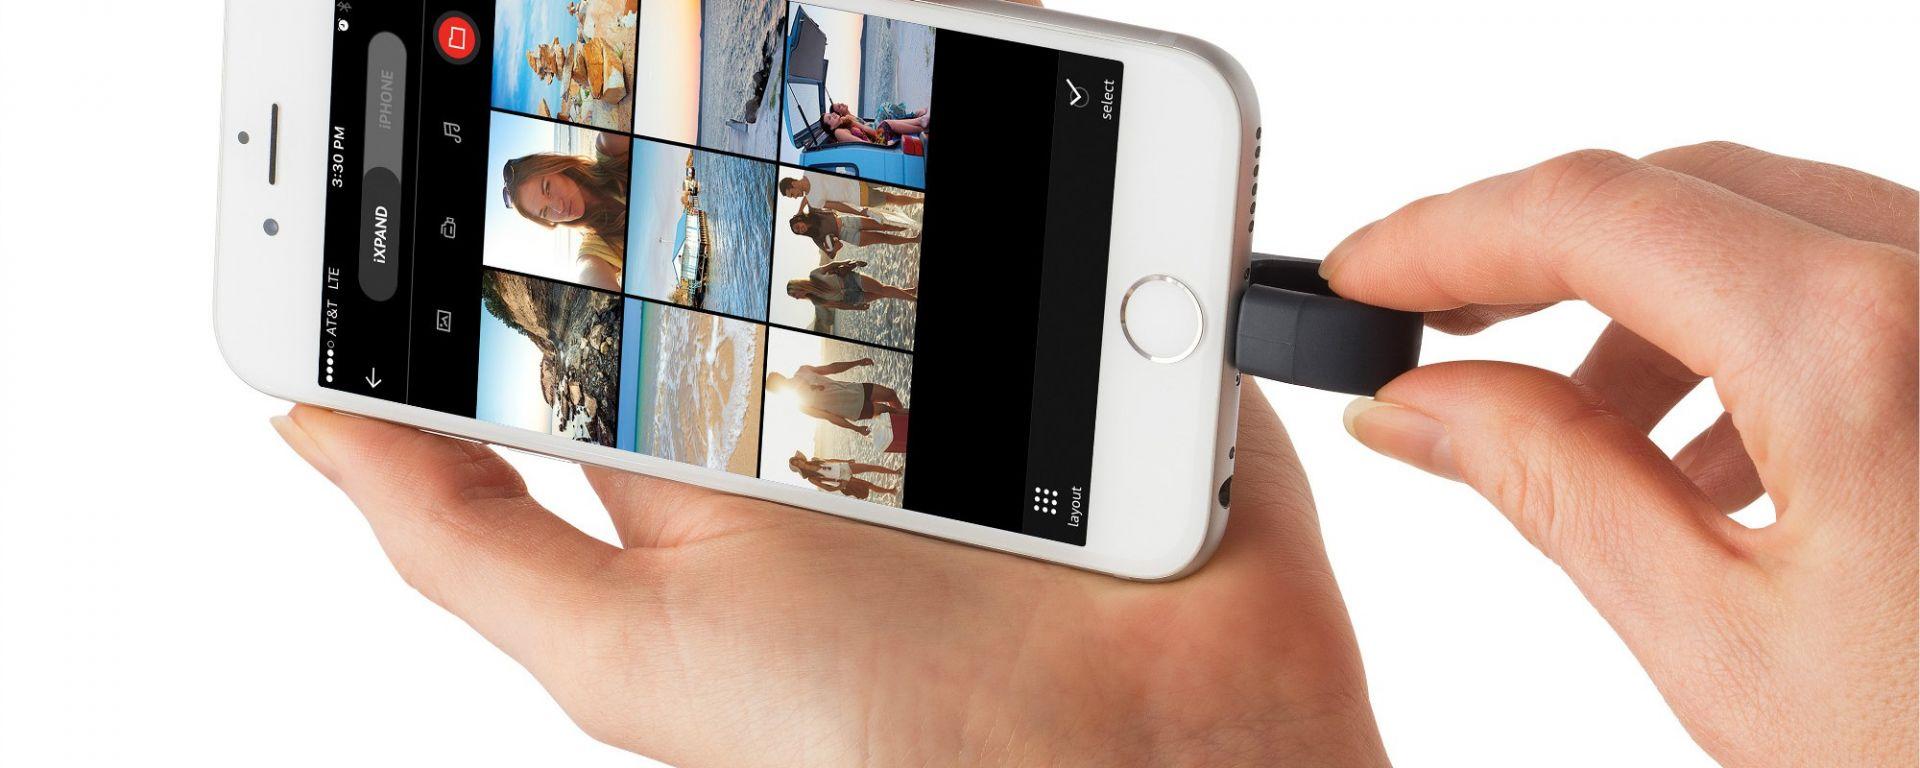 Sandisk iXpand si collega alla presa Lightning dell'iPhone